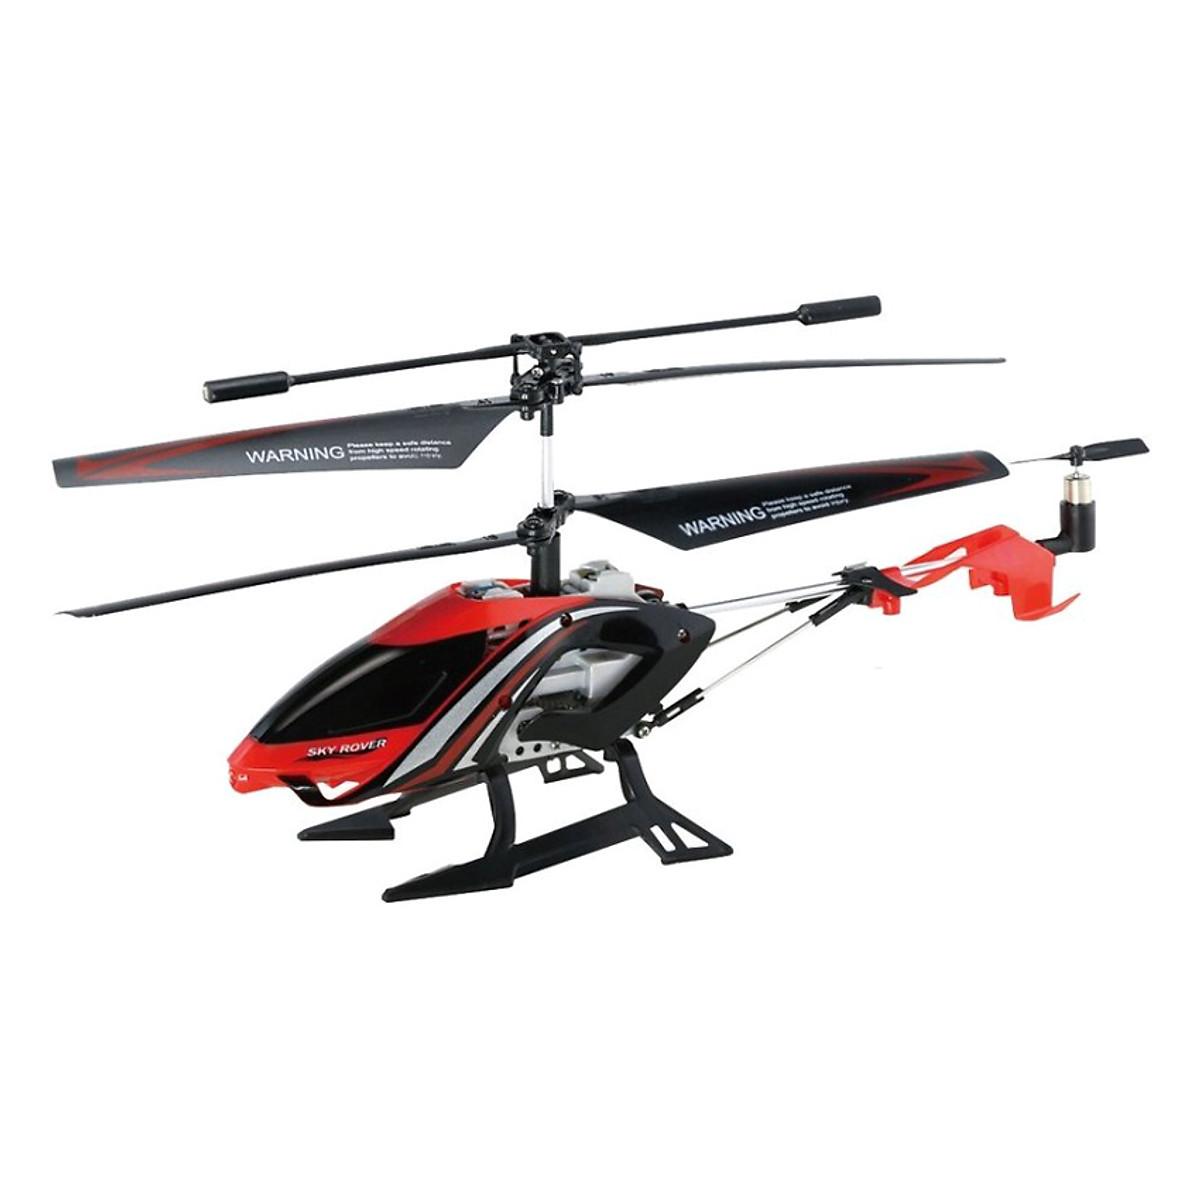 máy bay đồ chơi điều khiển từ xa Stalker Sky Rover